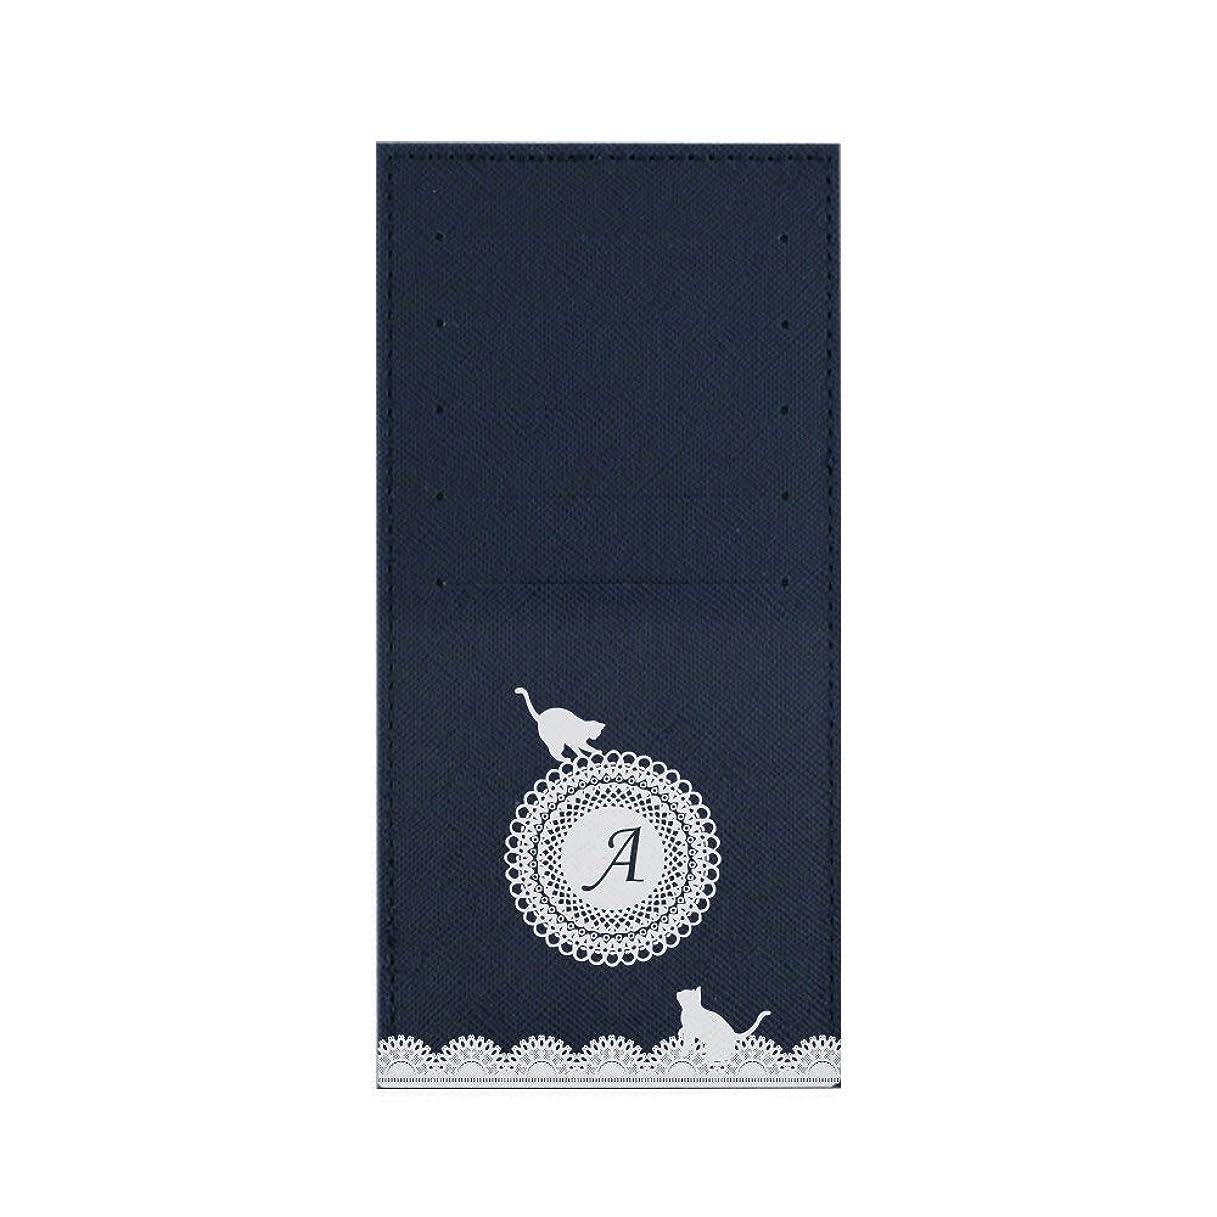 水陸両用買う汚いインナーカードケース 長財布用カードケース 10枚収納可能 カード入れ 収納 プレゼント ギフト 3005レースネーム (A) ネイビー mirai